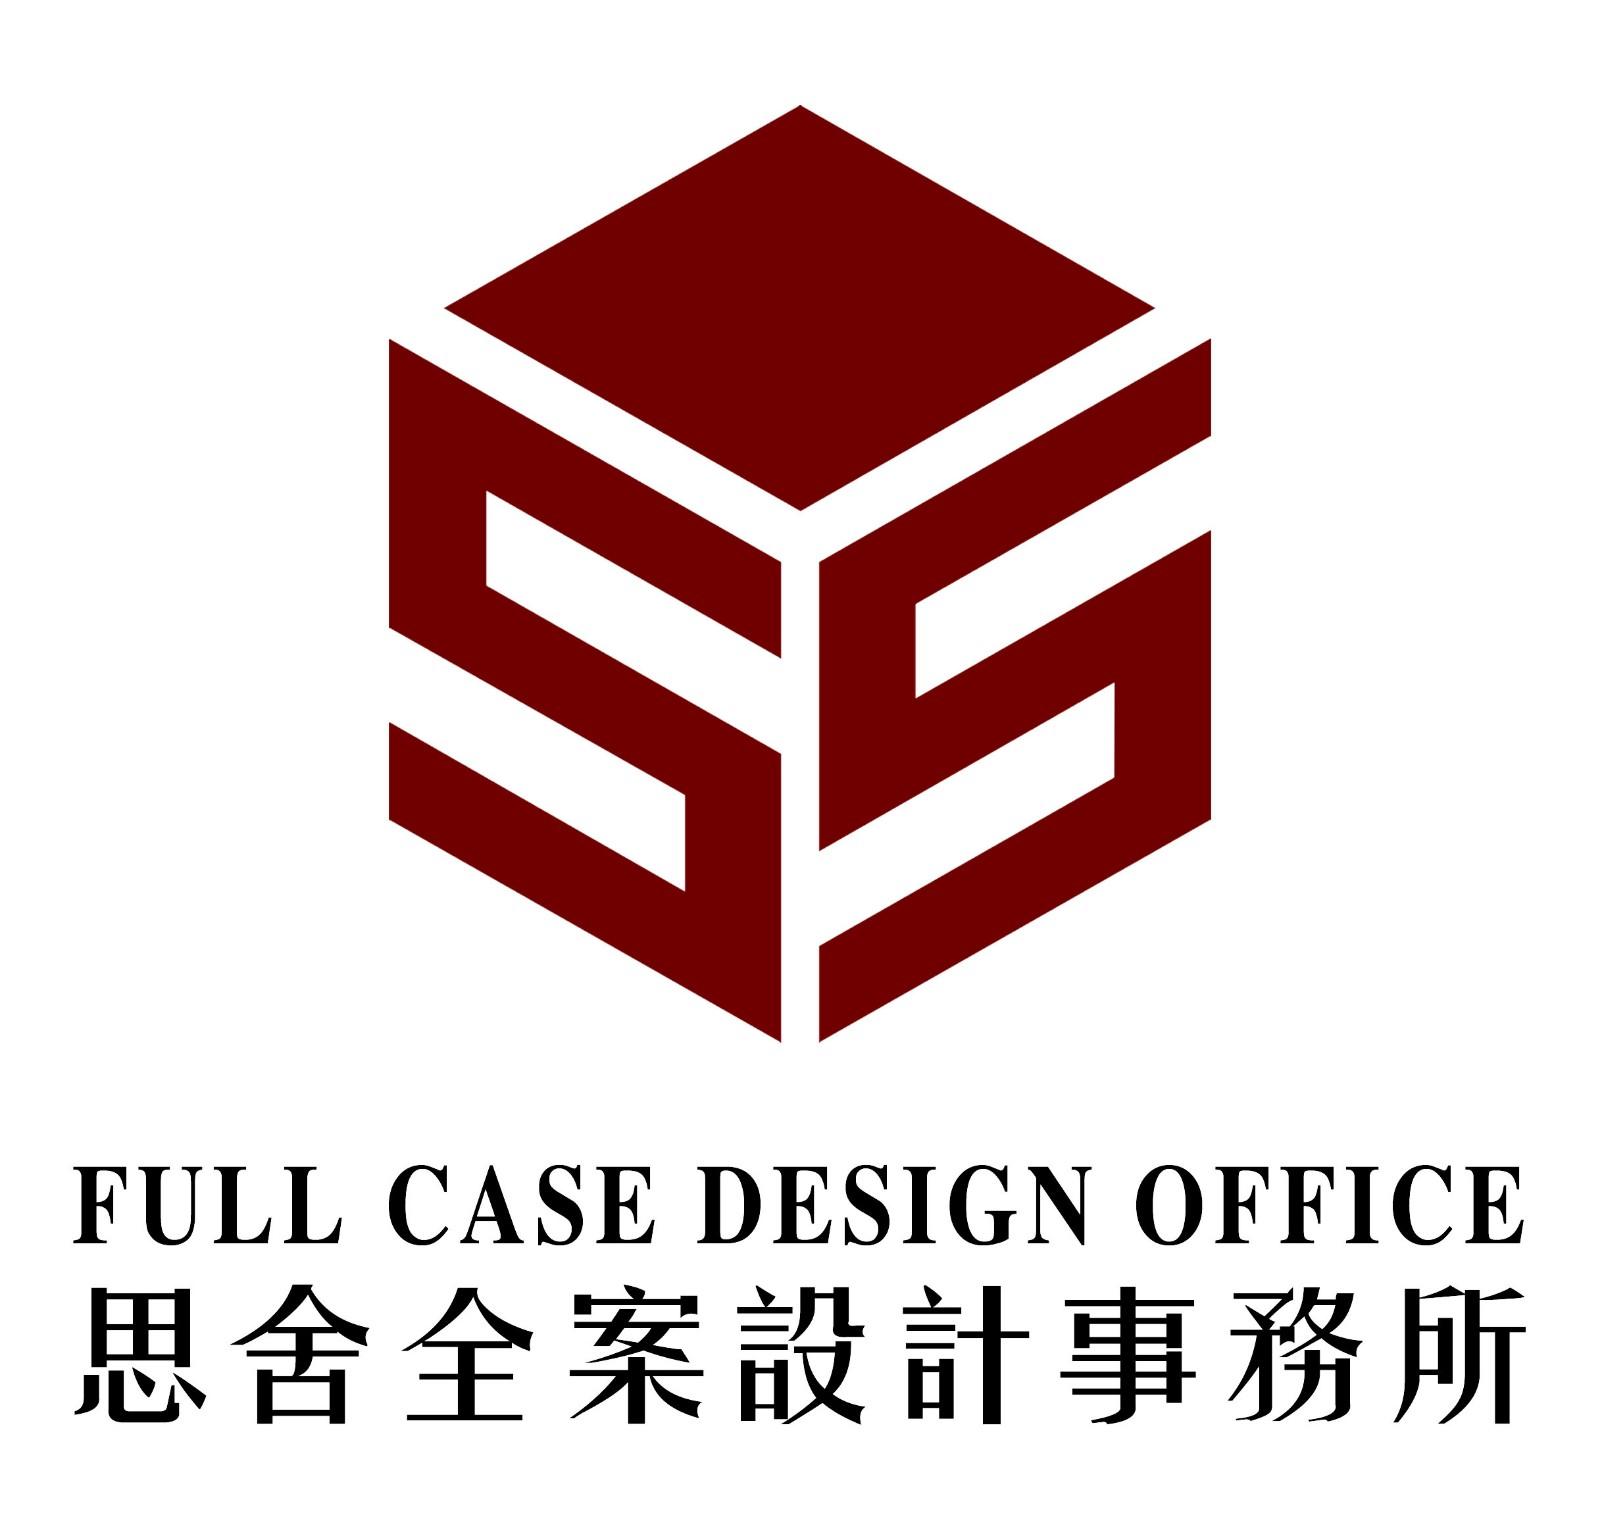 思舍全案设计事务所 - 青岛装修公司